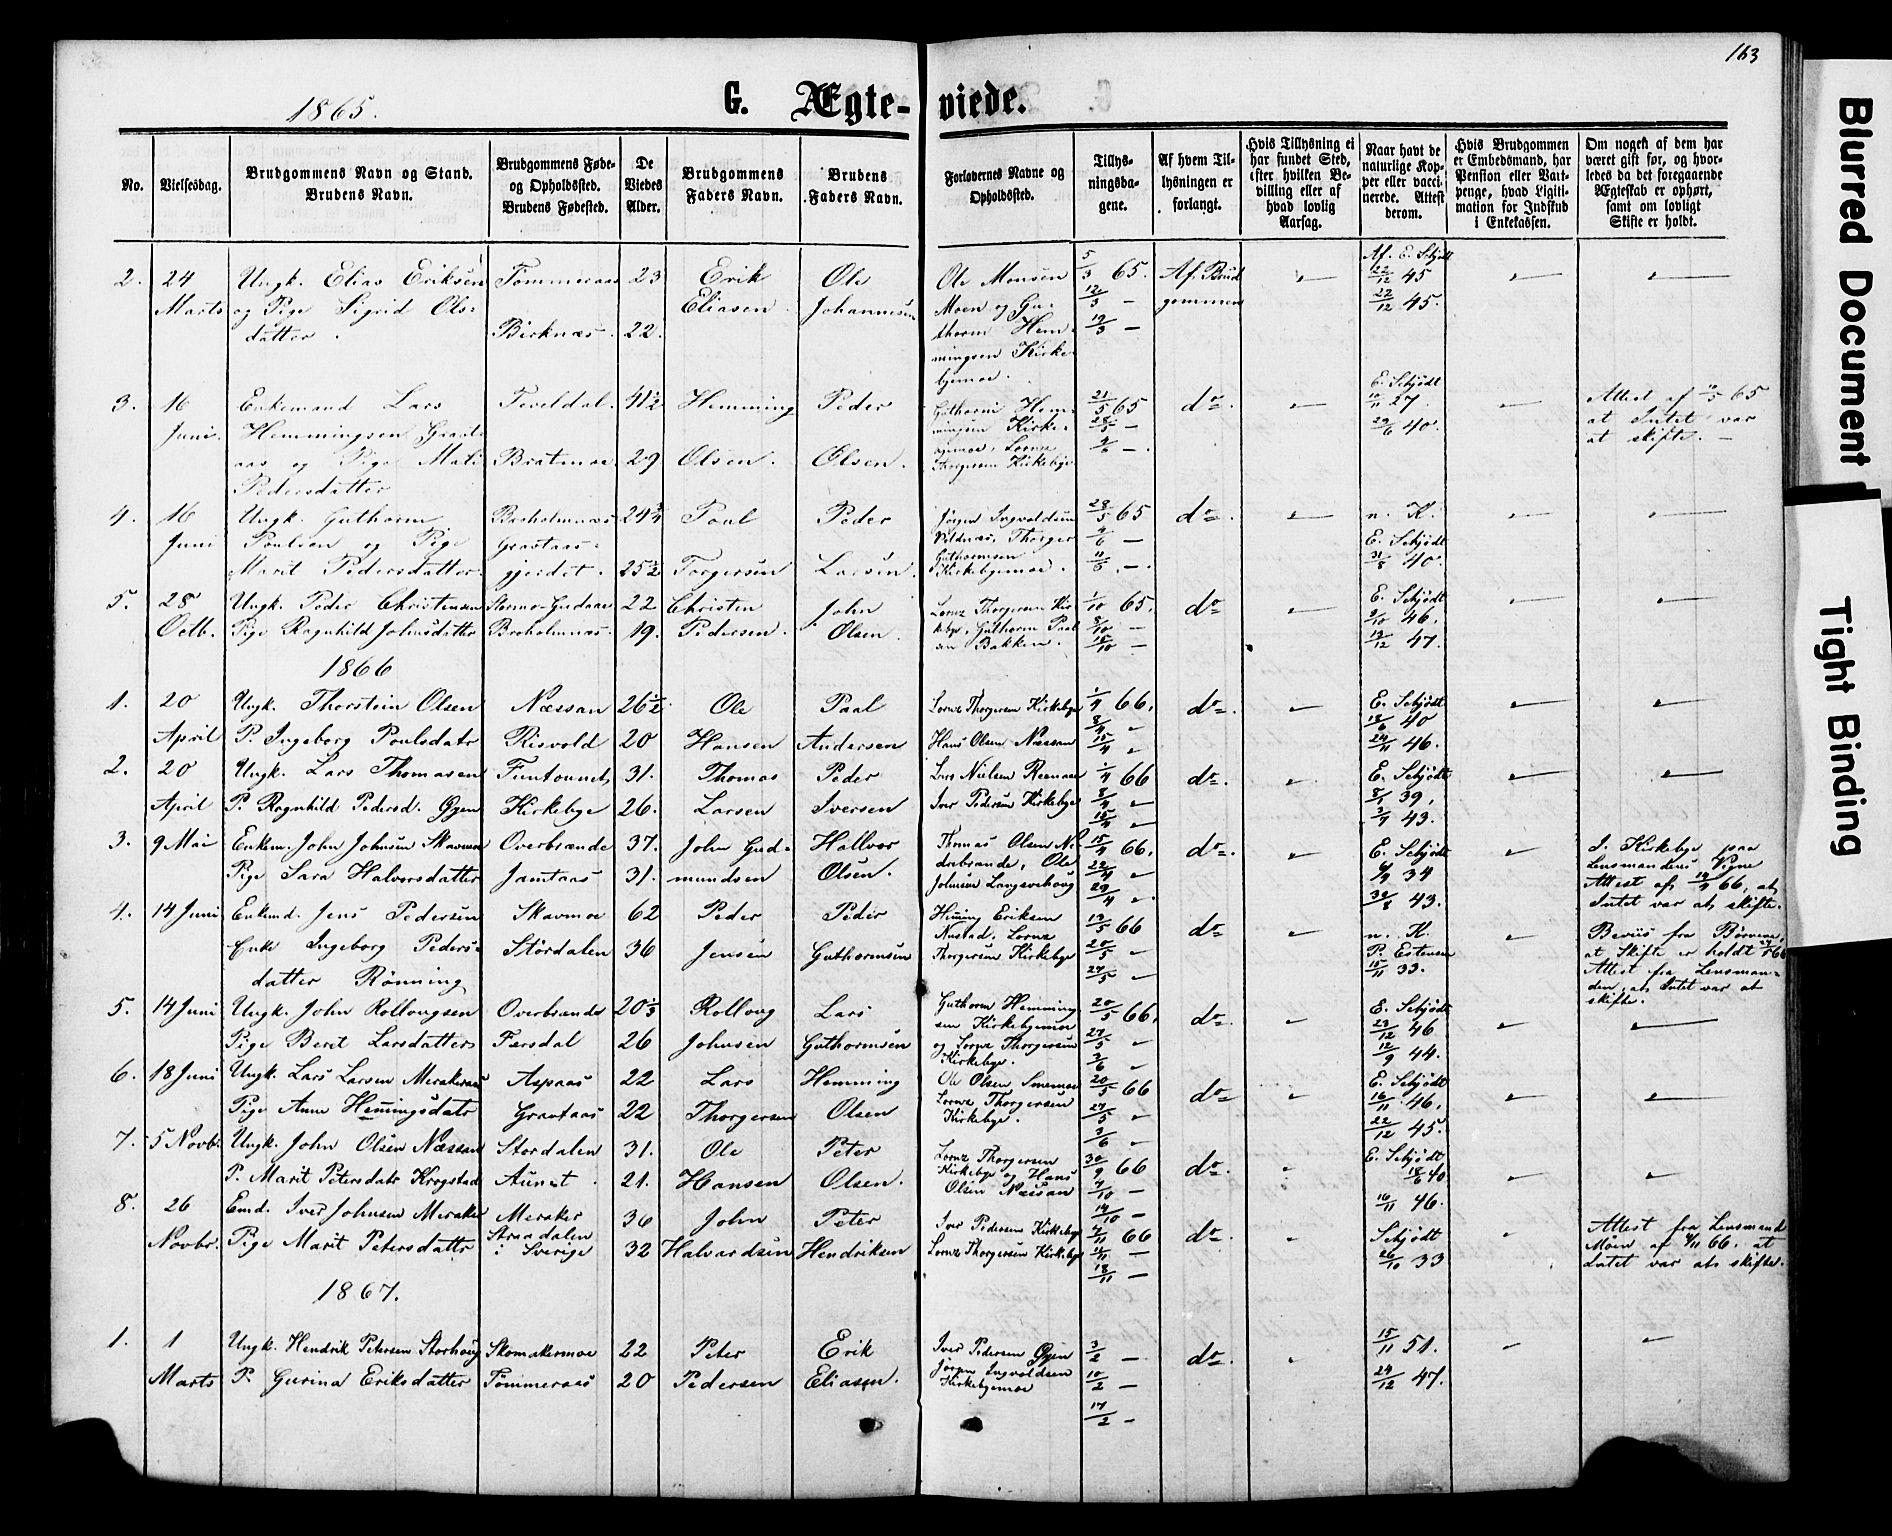 SAT, Ministerialprotokoller, klokkerbøker og fødselsregistre - Nord-Trøndelag, 706/L0049: Klokkerbok nr. 706C01, 1864-1895, s. 163